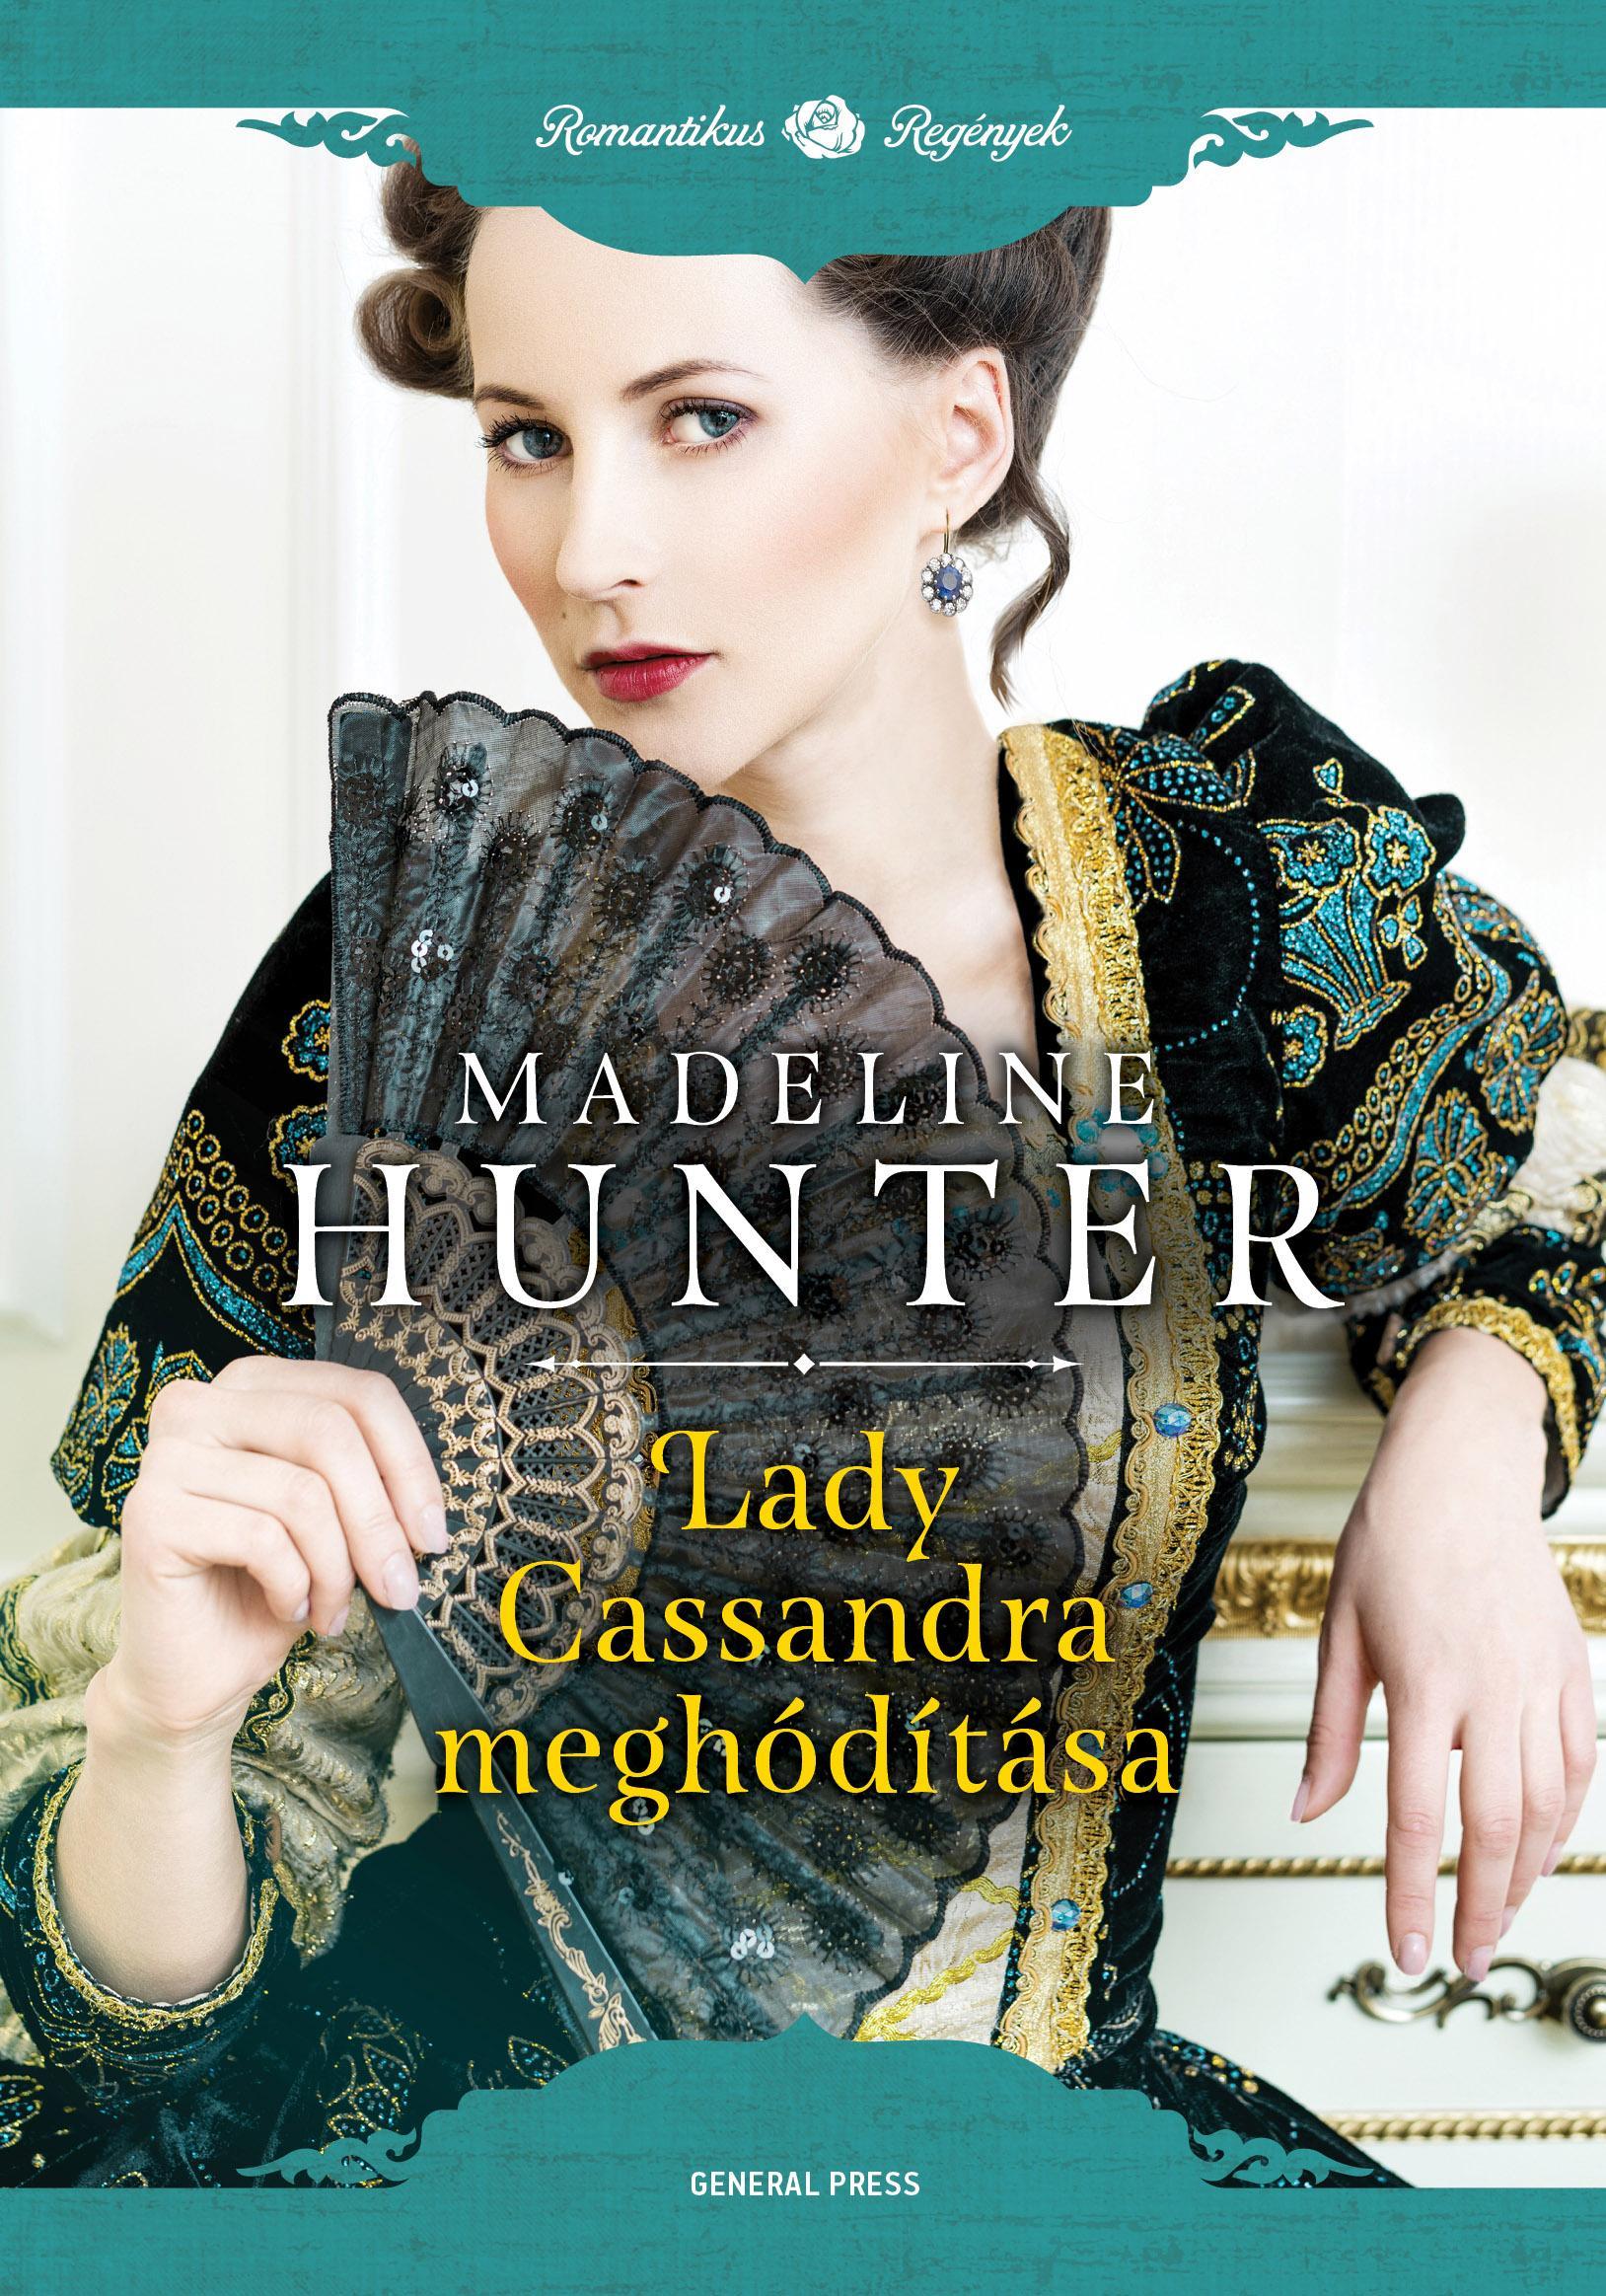 HUNTER, MADELINE - LADY CASSANDRA MEGHÓDÍTÁSA